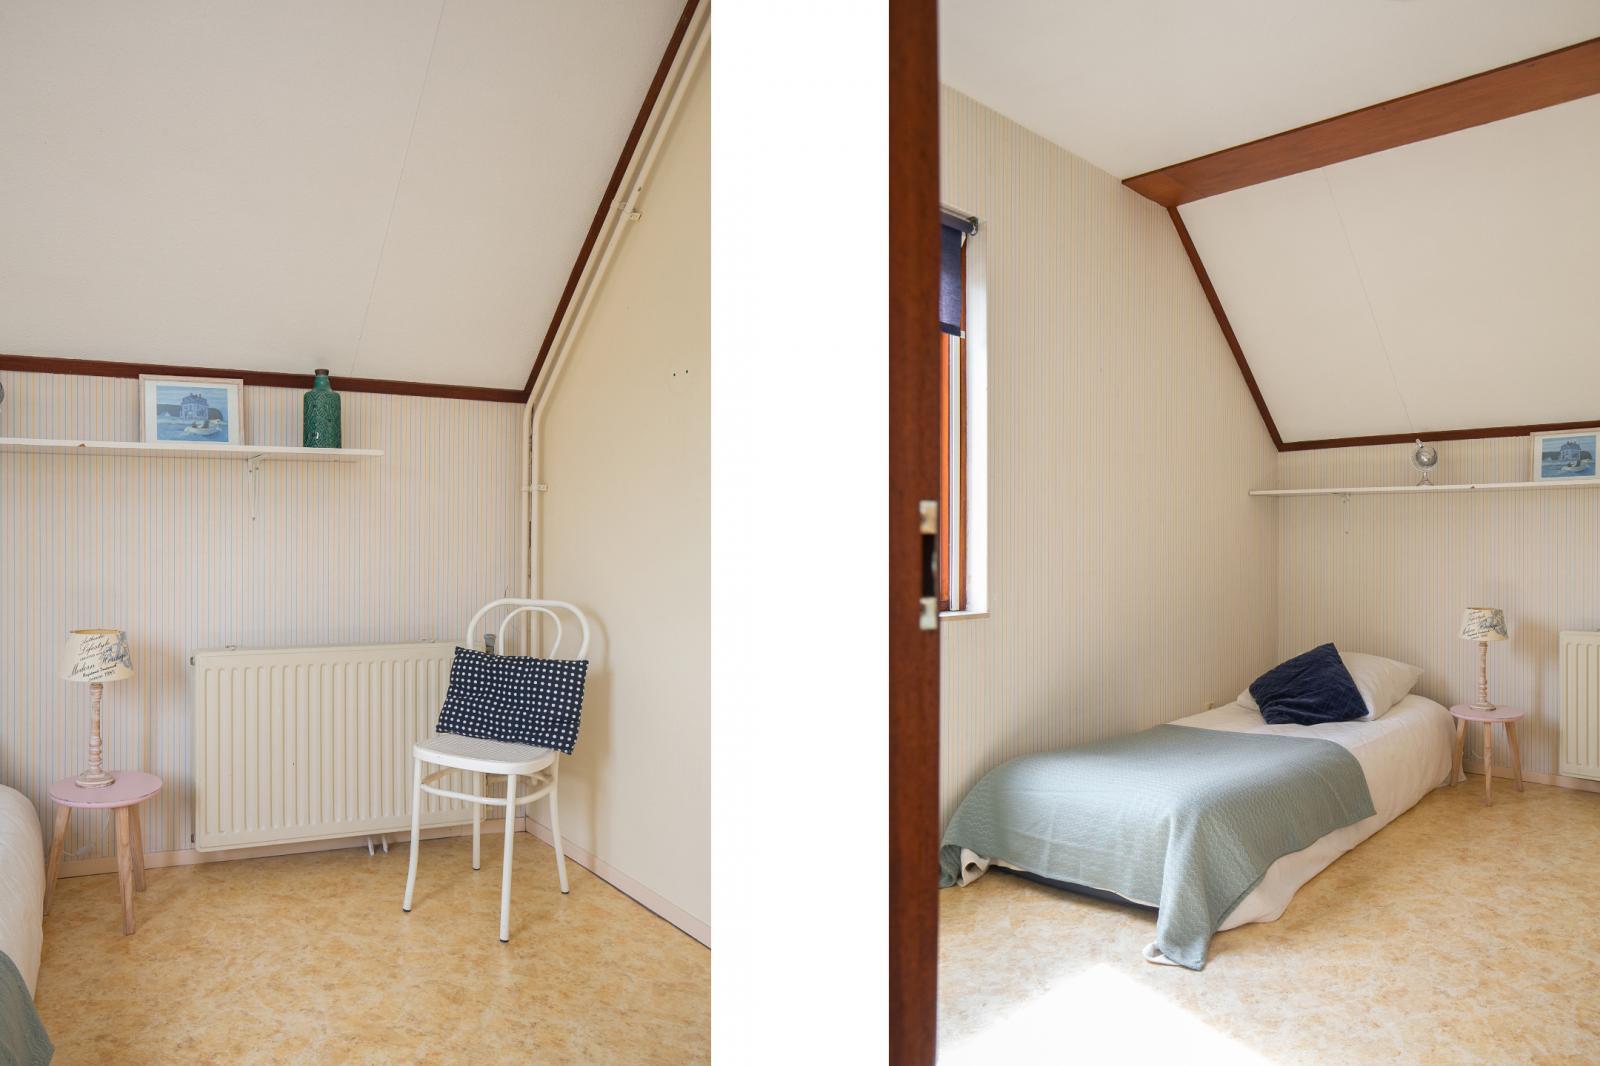 zeino-van-burmaniastrjitte-15-oppenhuizen-1082